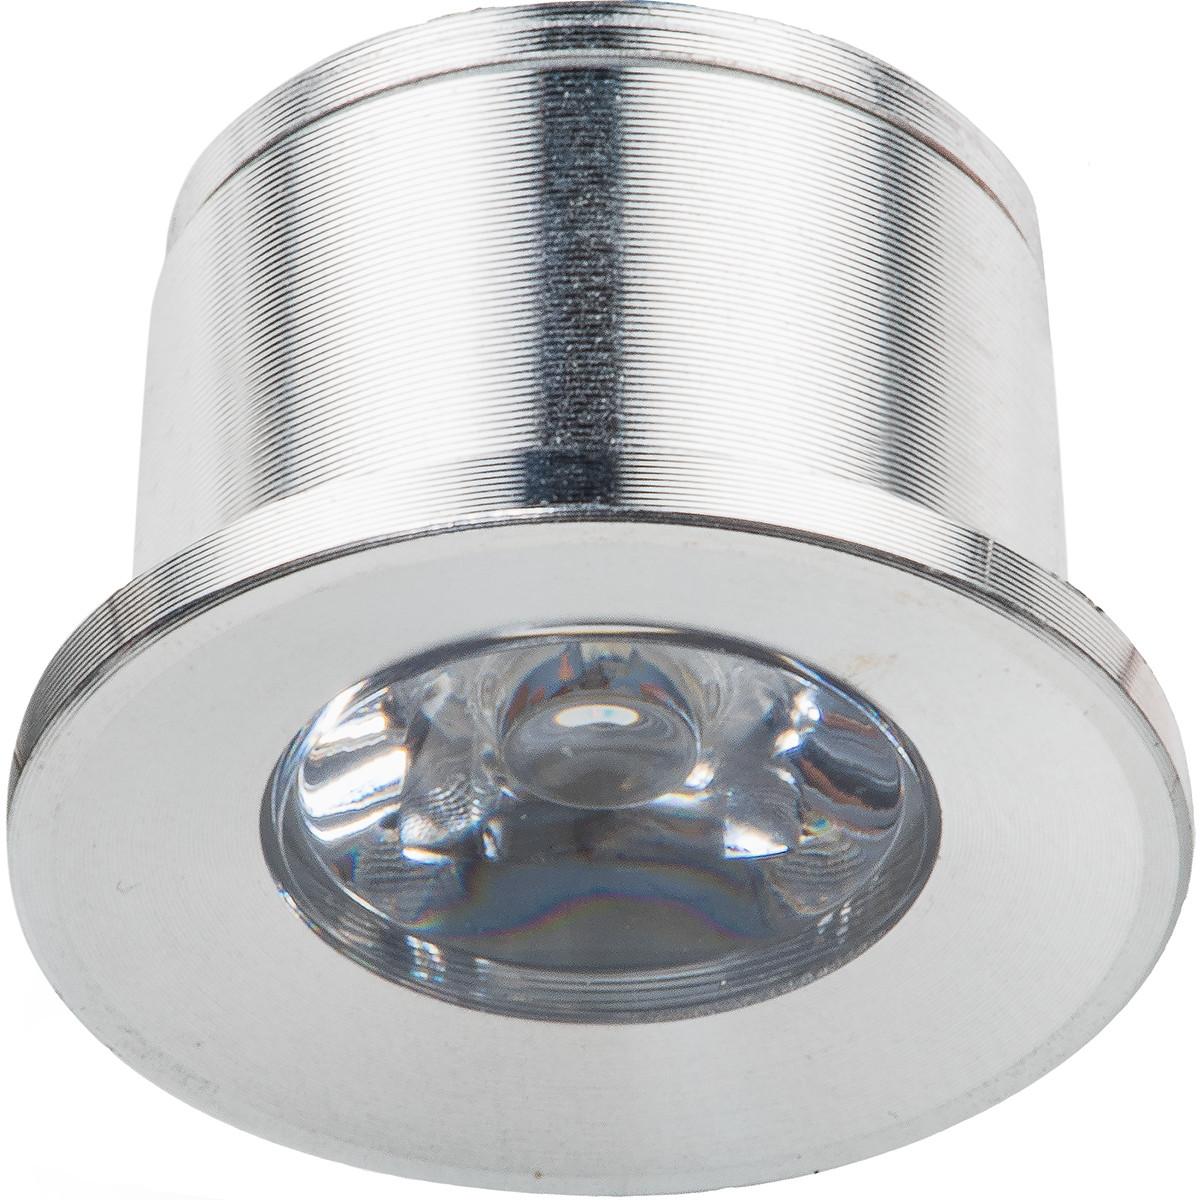 LED Veranda Spot Verlichting - 1W - Warm Wit 3000K - Inbouw - Dimbaar - Rond - Mat Zilver - Aluminiu